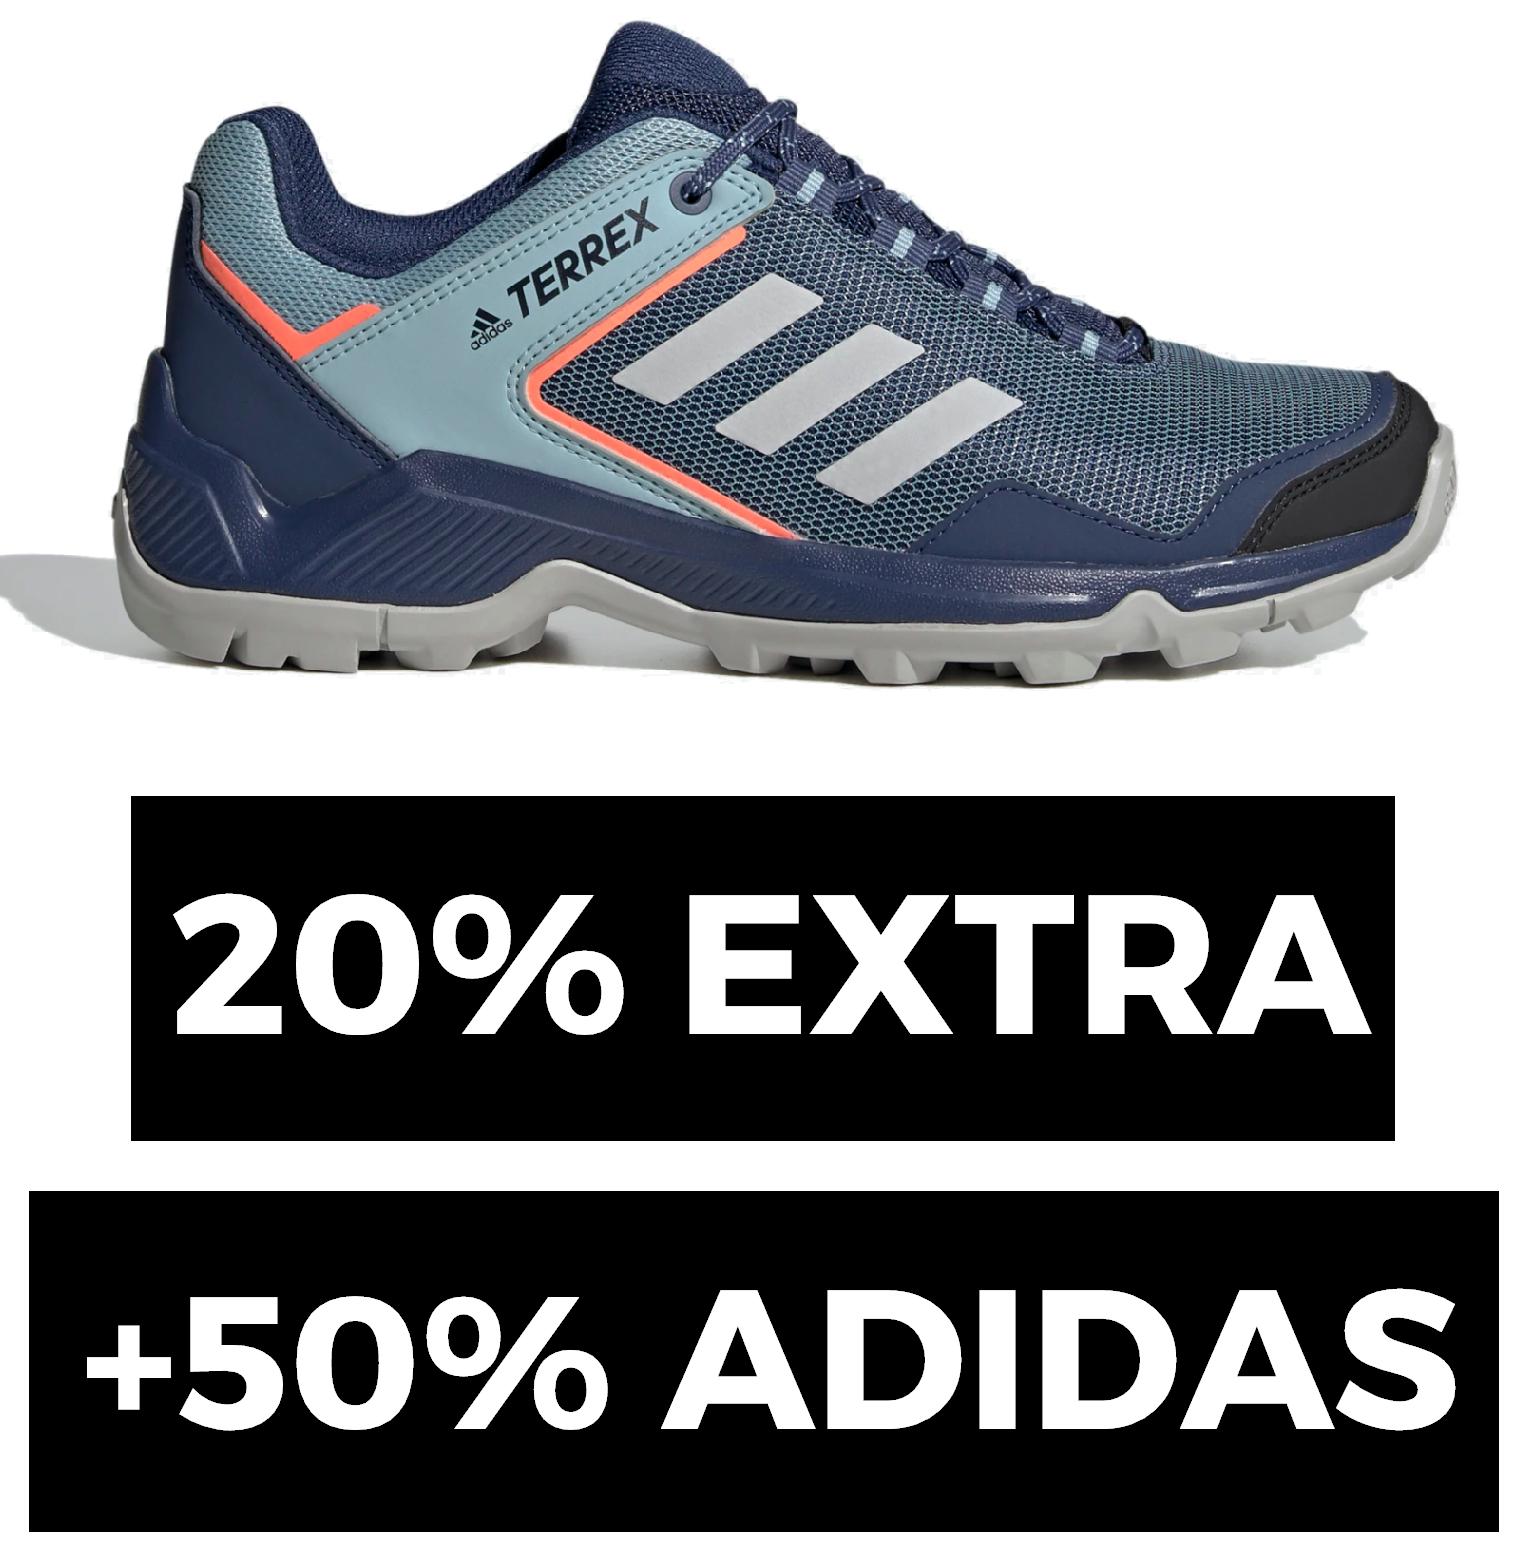 [Exclusivo] Hasta 50% + 20% EXTRA + Envío GRATIS en adidas